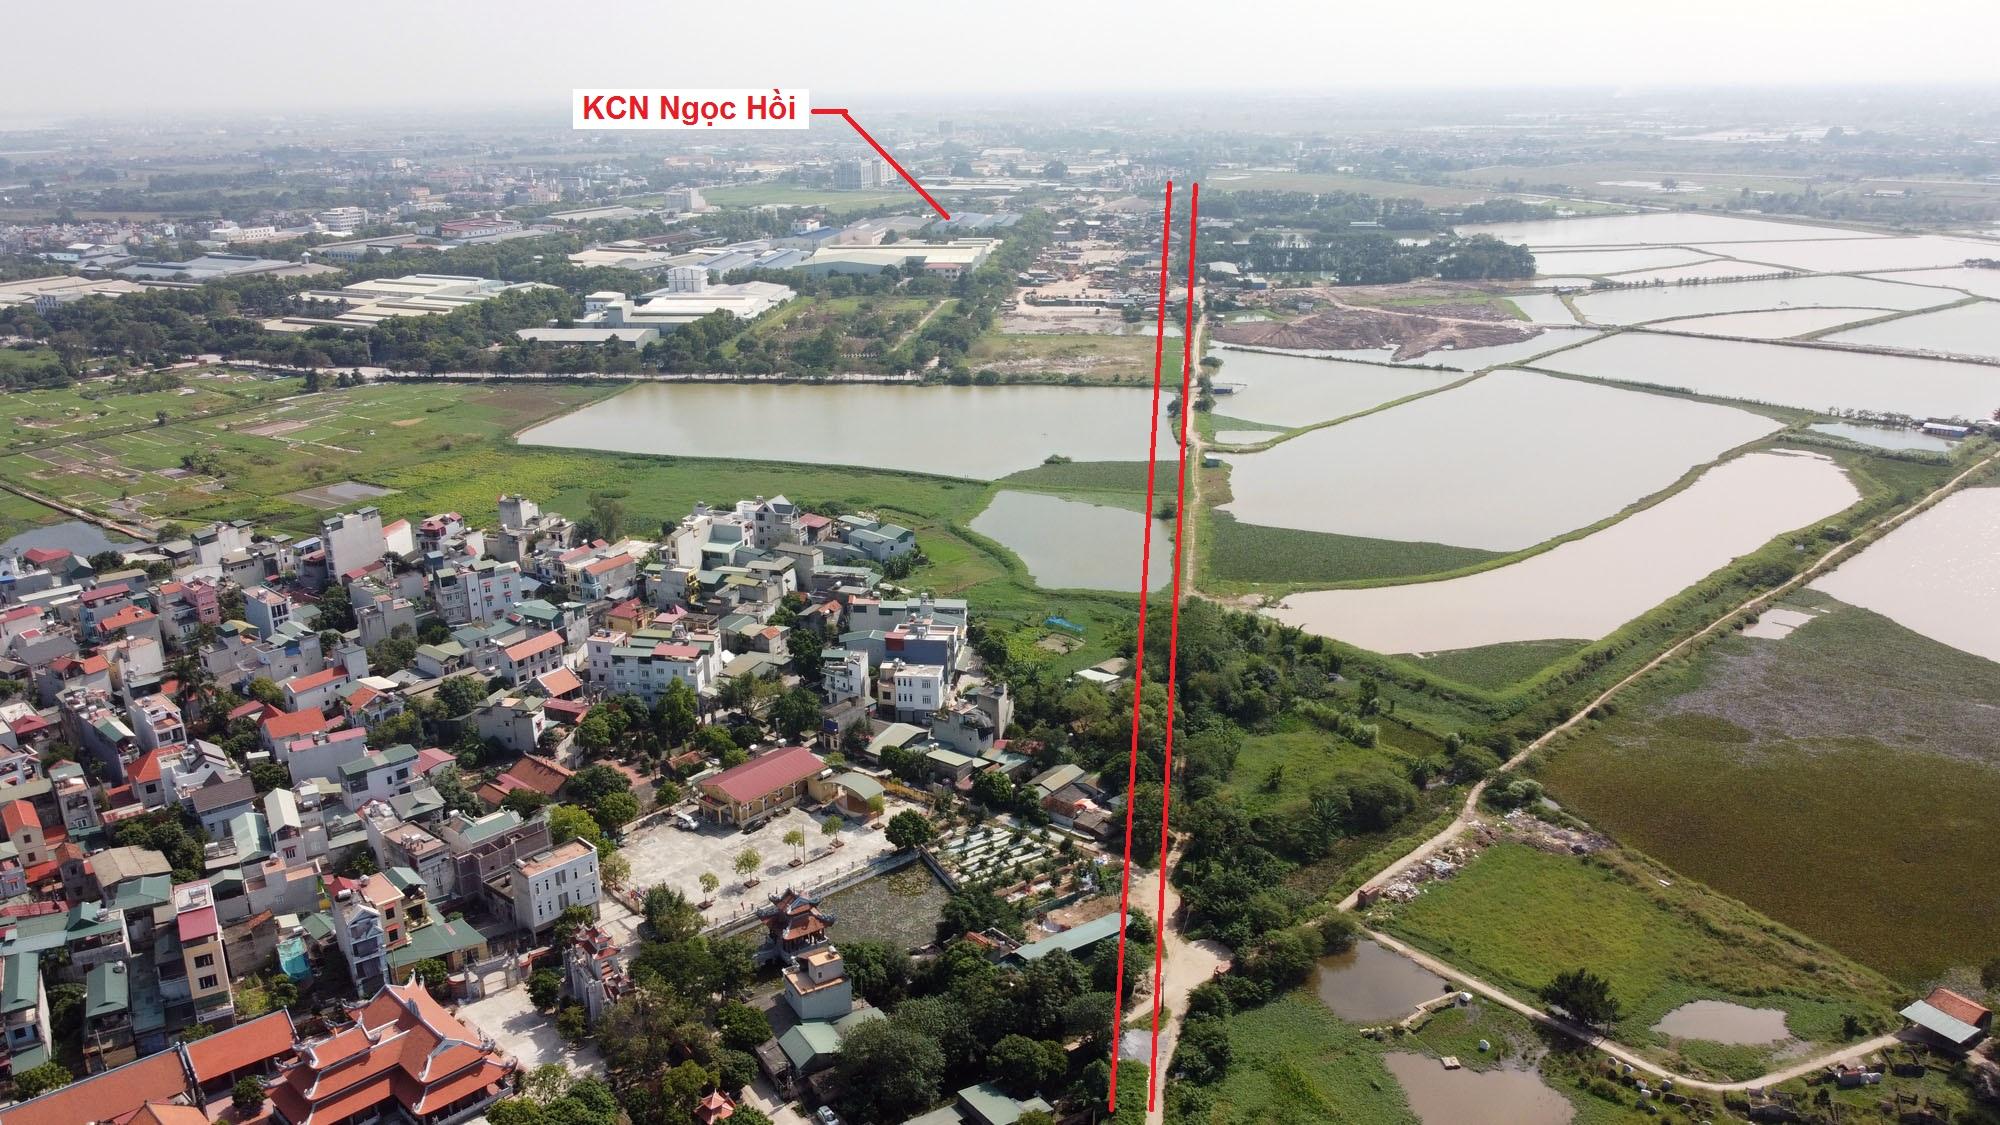 Ba đường sẽ mở theo quy hoạch ở xã Ngọc Hồi, Thanh Trì, Hà Nội - Ảnh 10.